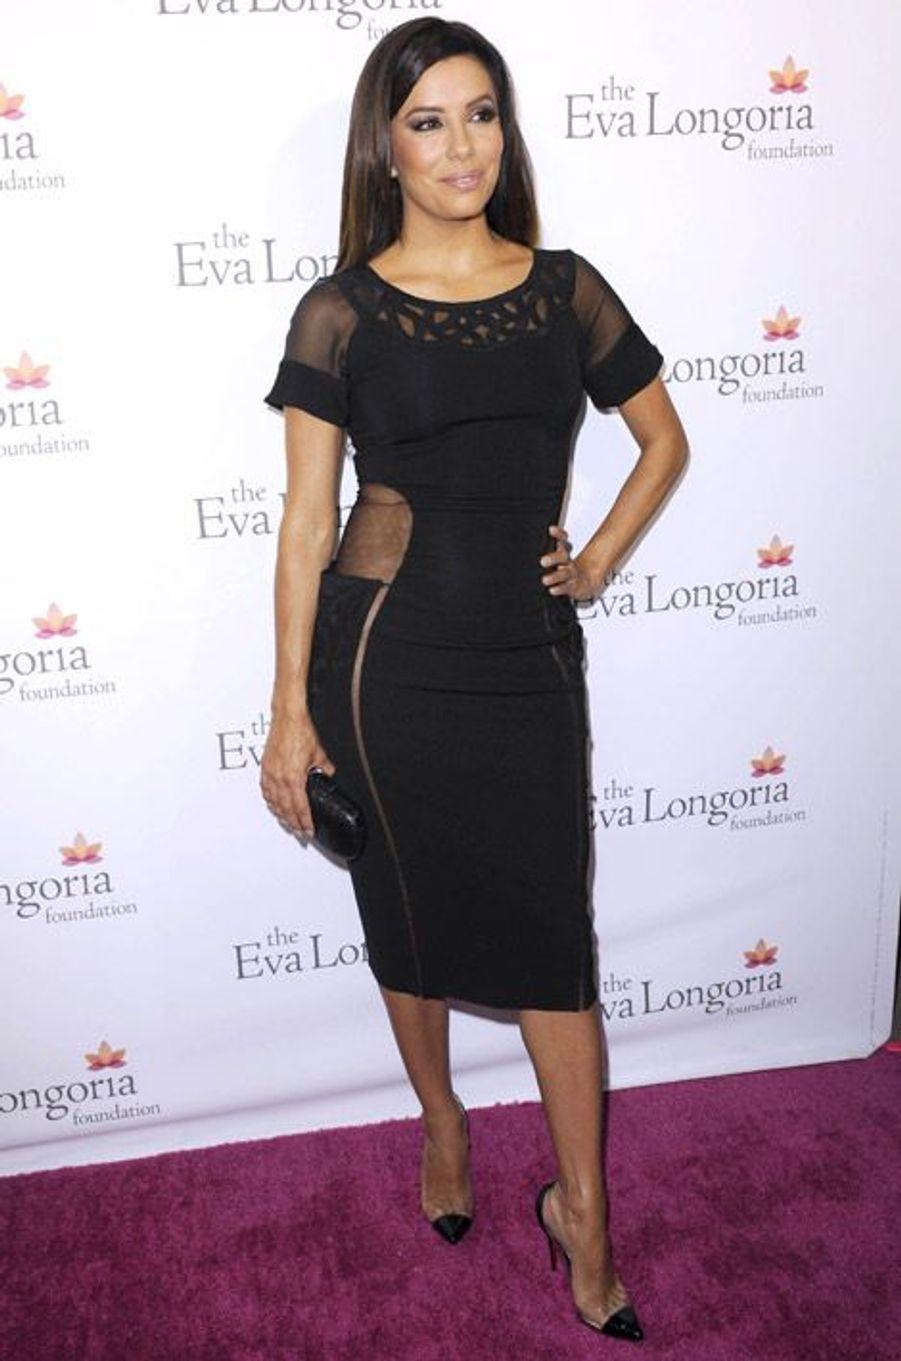 Eva Longoria en Christian Louboutin lors d'un gala de charité pour sa fondation à Los Angeles, le 10 octobre 2014